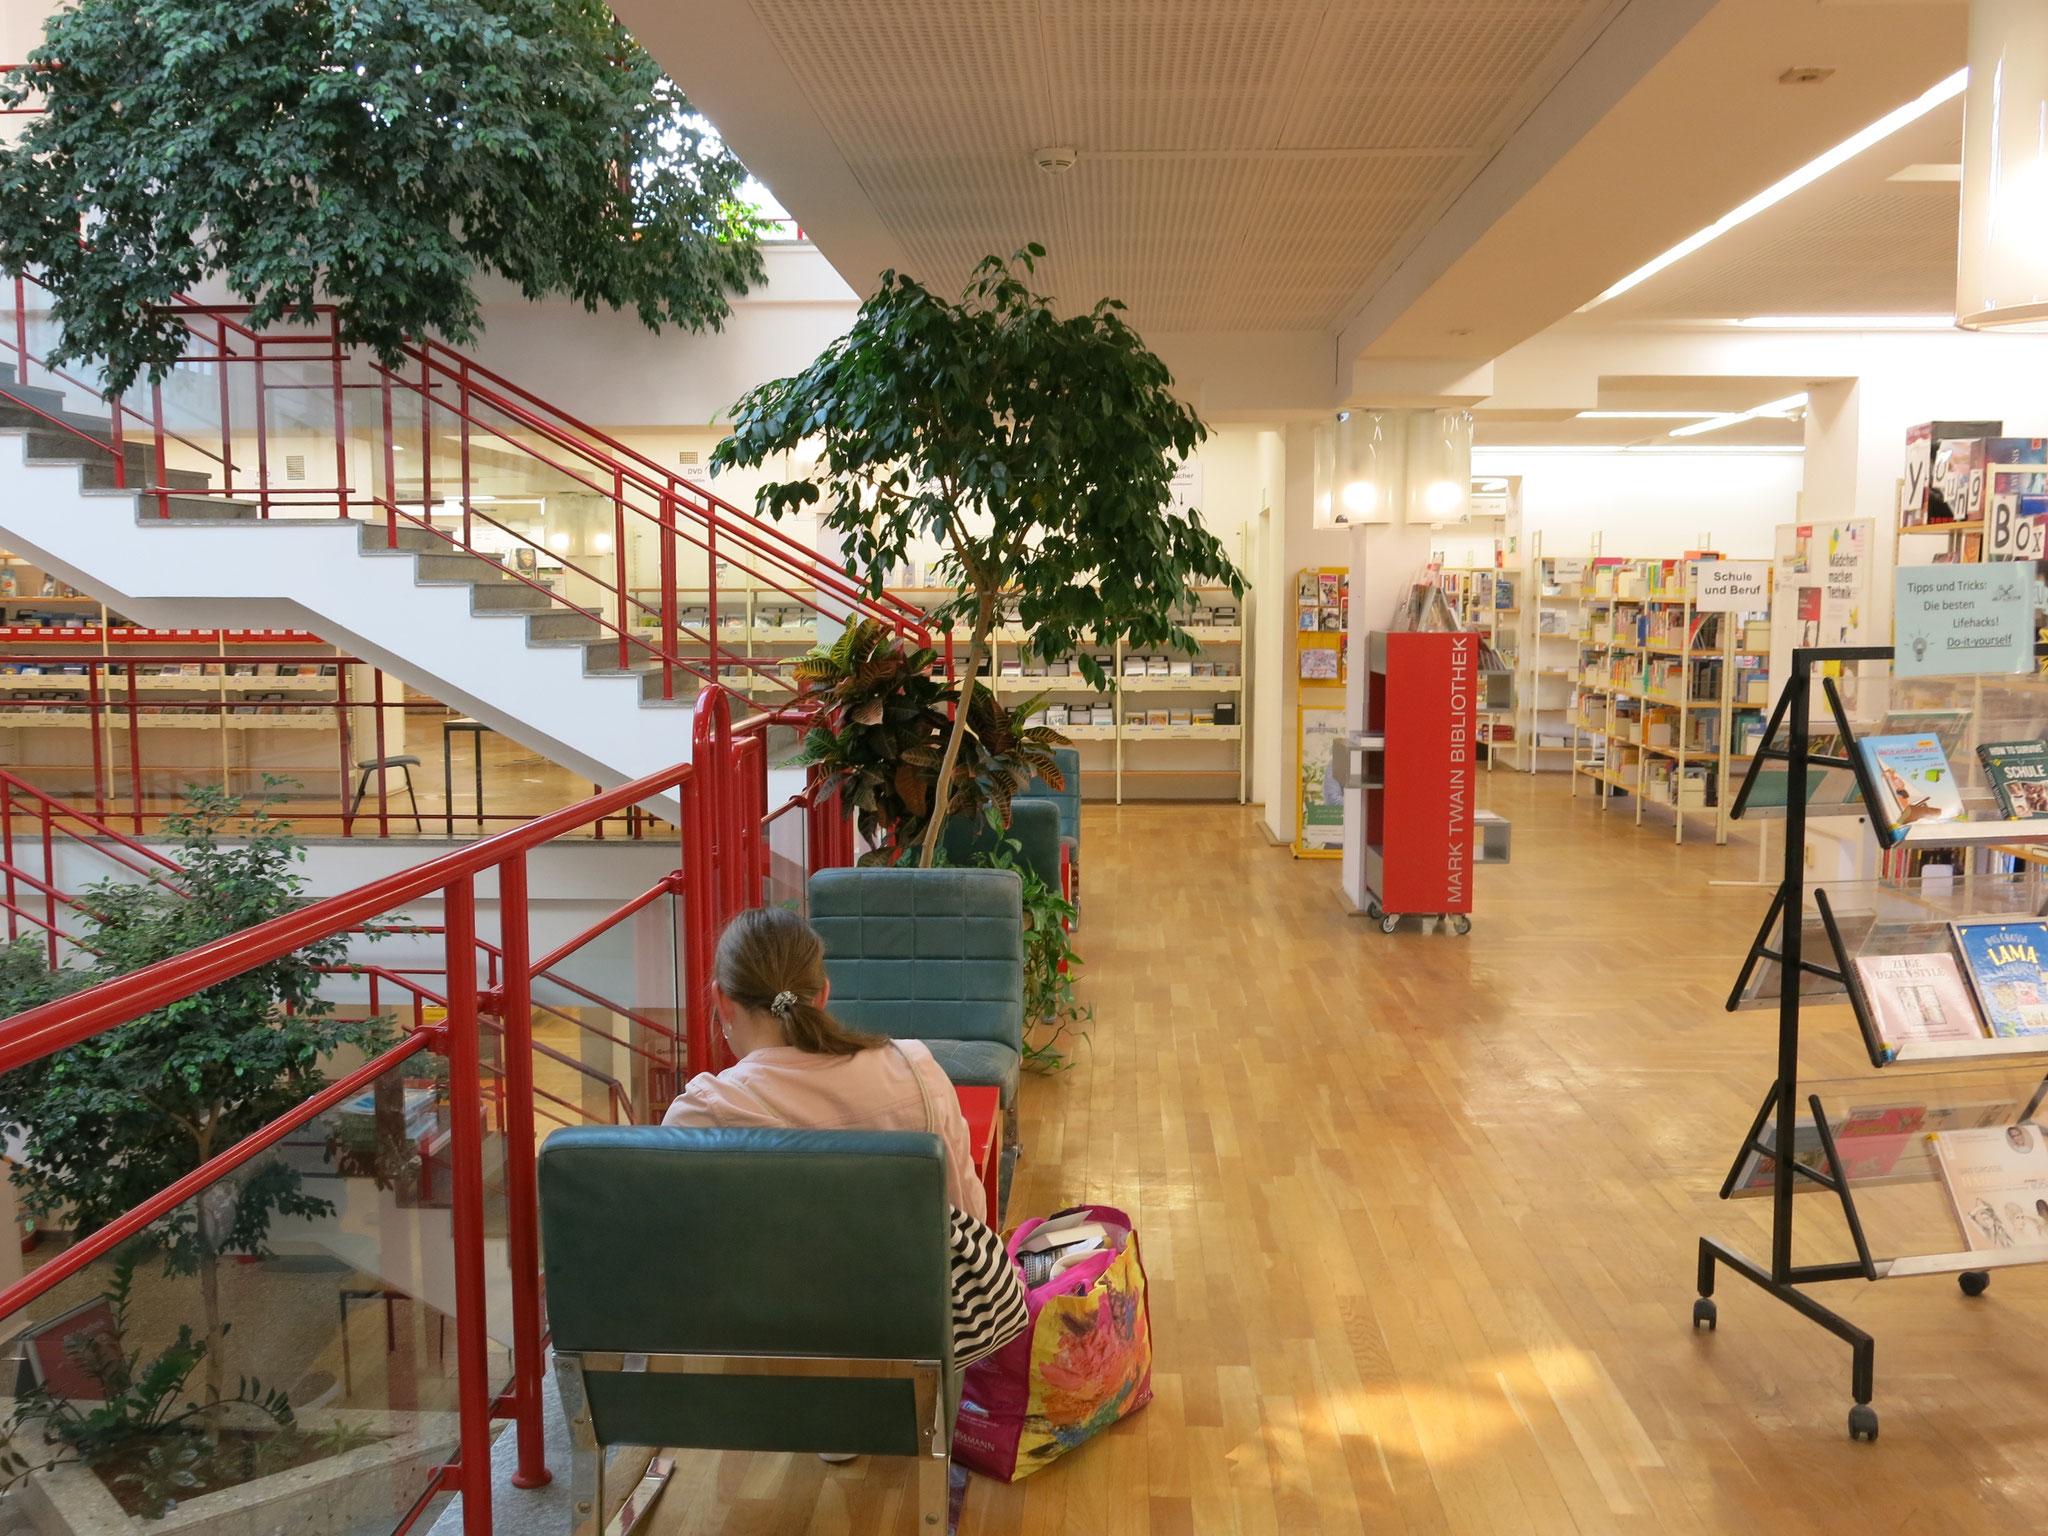 Tipp 7: Sa, 2.11., 10.30-12.30 Uhr: Library Photo Walk für Jugendliche. Gemeinsam Ideen für die Angebote der Mark-Twain-Bibliothek (Marzahner Promenade 55) entwickeln.